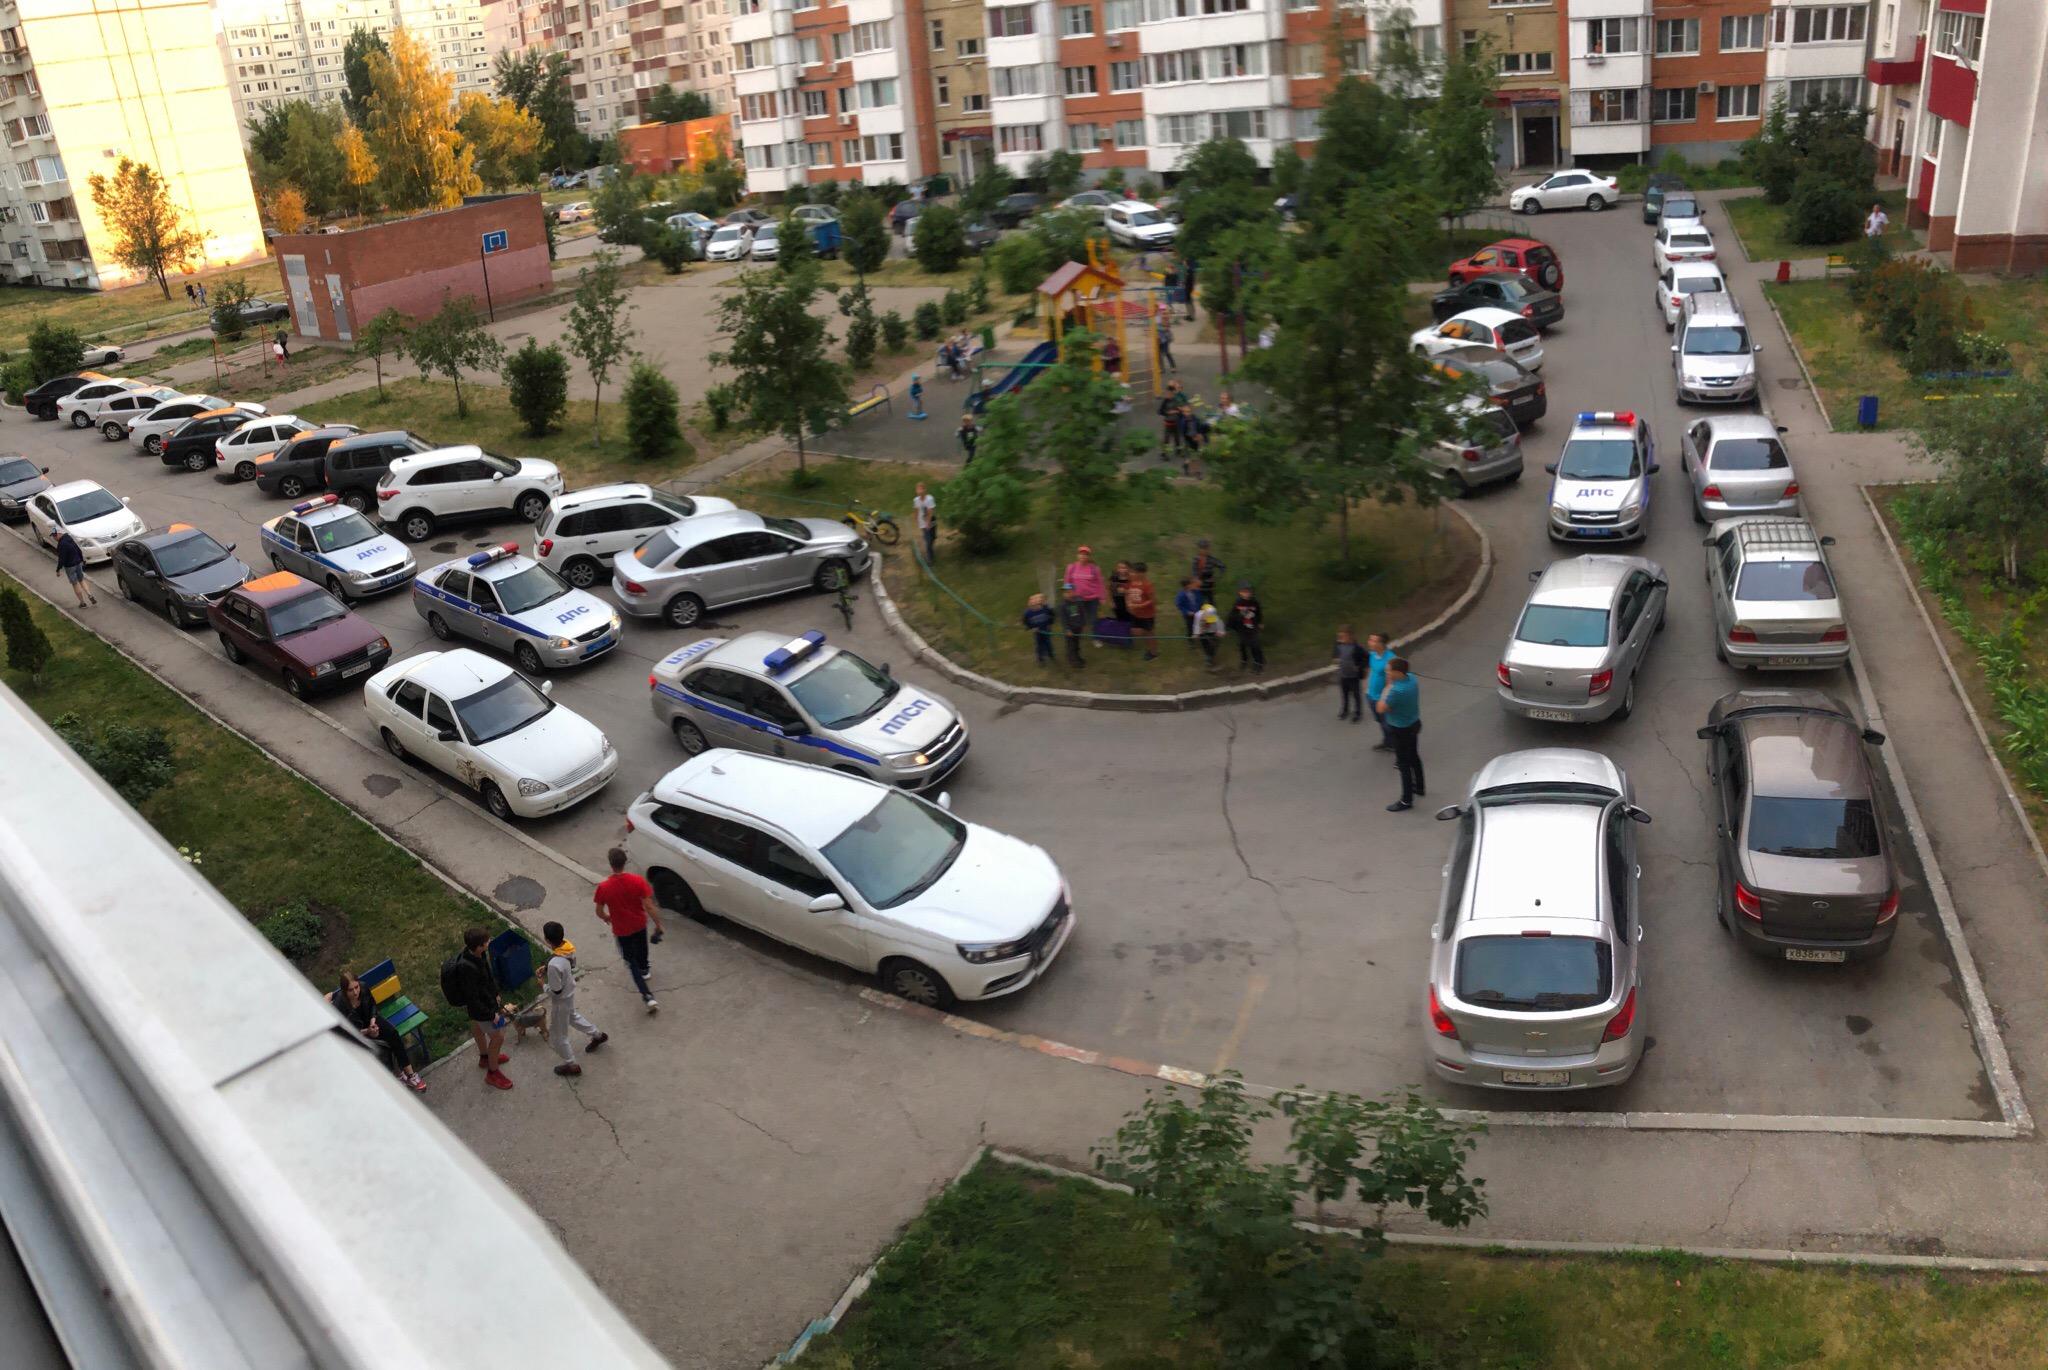 СМИ: Убитым на Калмыцкой оказался директор бойцовского клуба